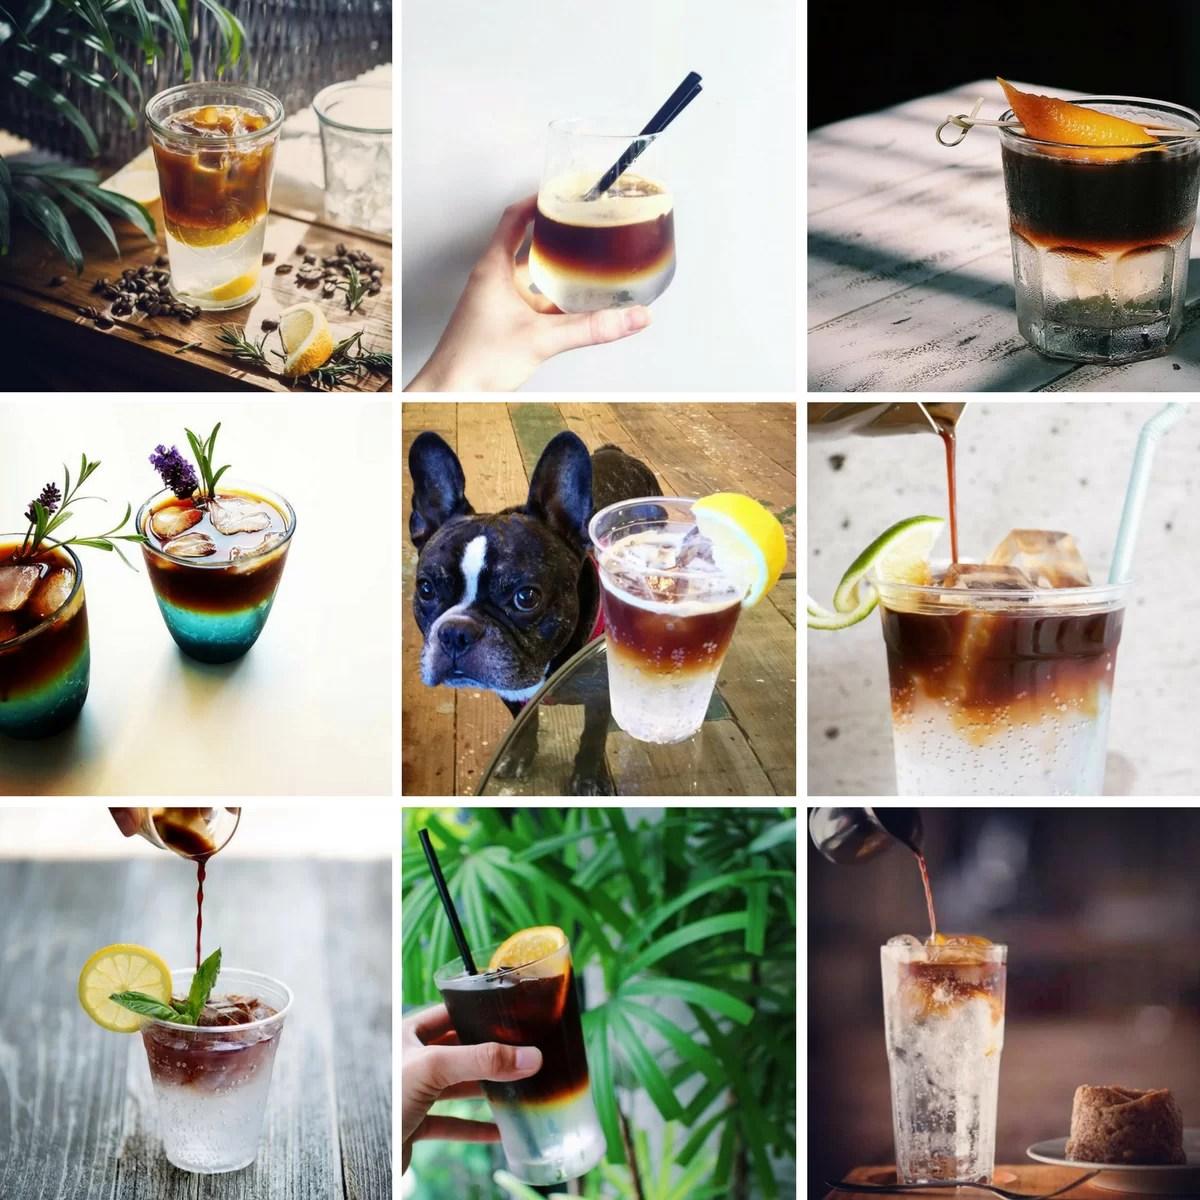 come servire l'espresso tonic - ispirazioni da instagram